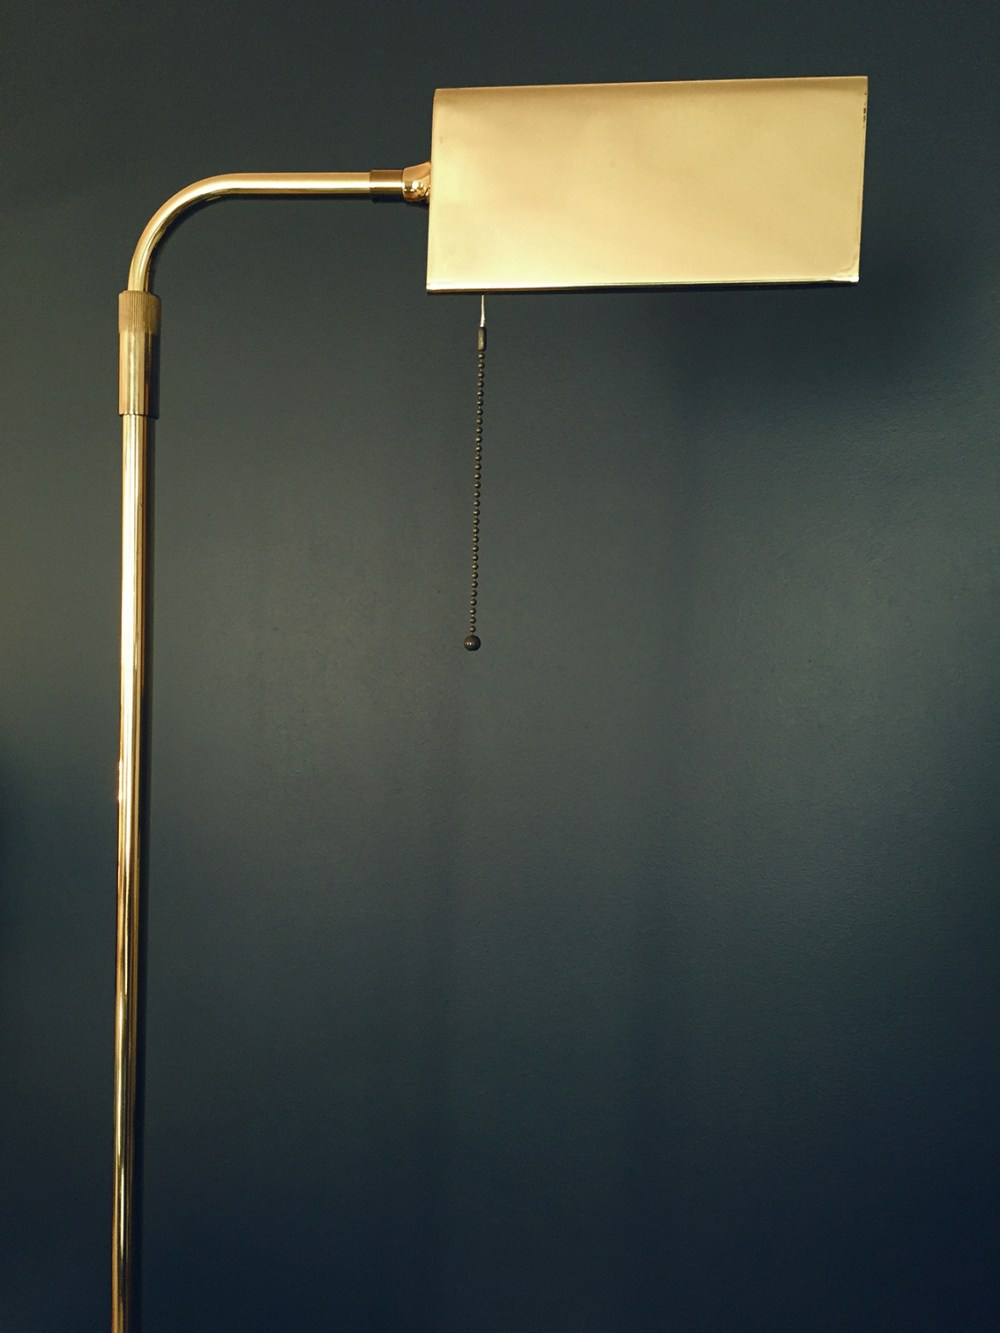 lampadaire liseuse en laiton des années 1970 trouvée chez ltgmood.com spécialiste des luminaires vintage à paris